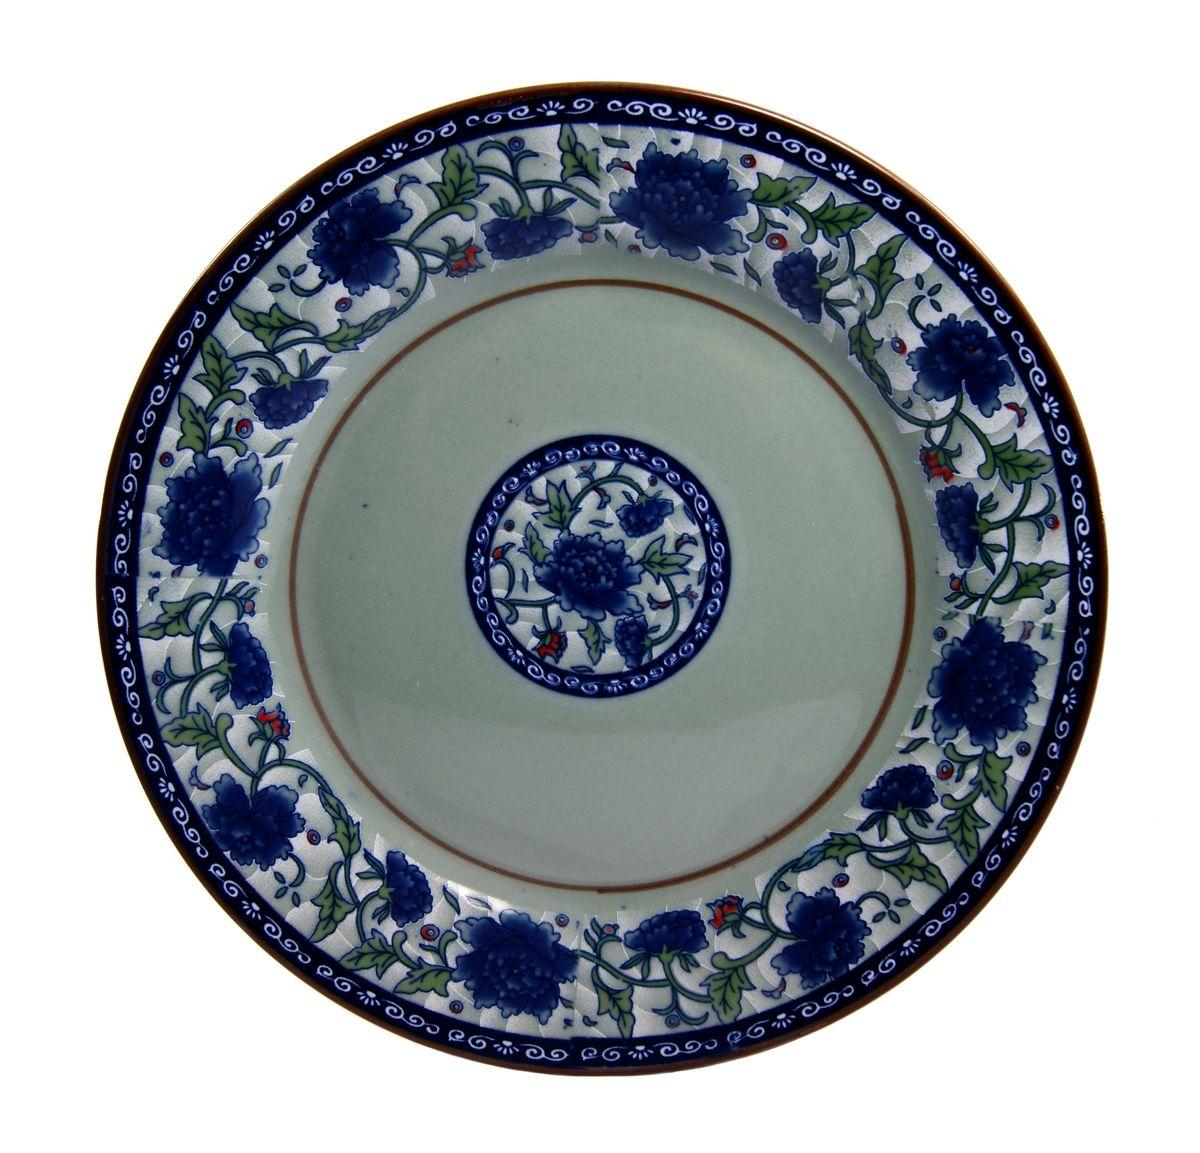 Тарелка для горячего Nanshan Porcelain Харбин, диаметр 25 смGNNSHB027Тарелка Nanshan Porcelain Харбин изготовлена из высококачественной керамики. Предназначена длякрасивой подачи различных блюд. Посуда безопасна для здоровья и окружающей среды. Внутренние стенки оформлены изящным узором.Такая тарелка украсит сервировку стола и подчеркнет прекрасный вкус хозяйки. Она дополнит коллекцию вашей кухонной посуды и будет служить долгие годы.Можно мыть в посудомоечной машине и использовать в СВЧ.Диаметр: 25 см. Высота: 2 см.